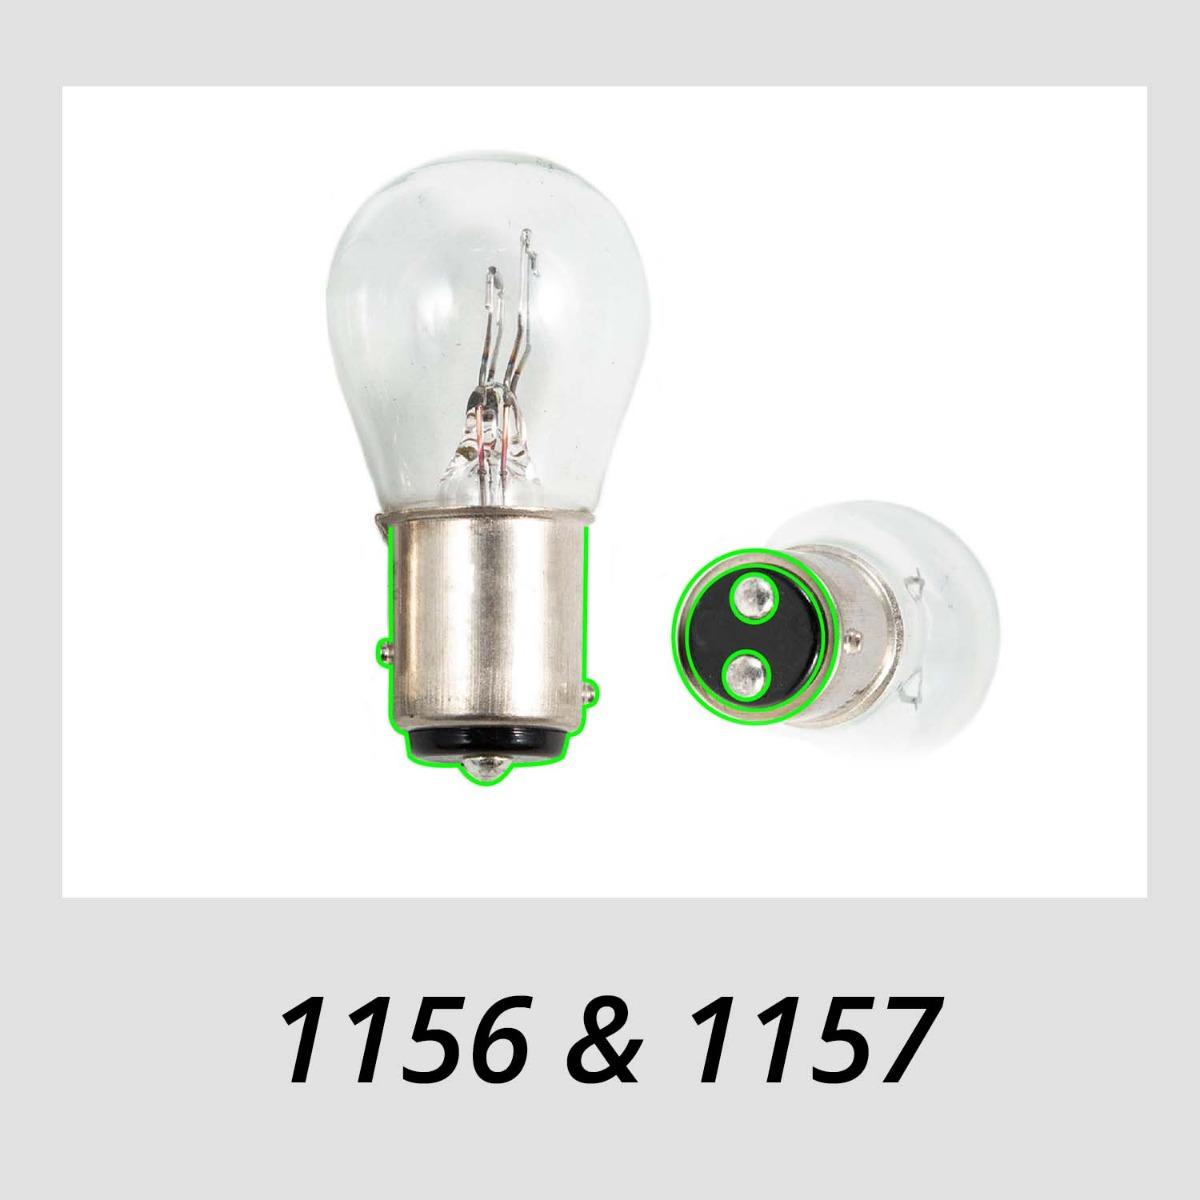 1156/1157 LED Tail Light Bulbs